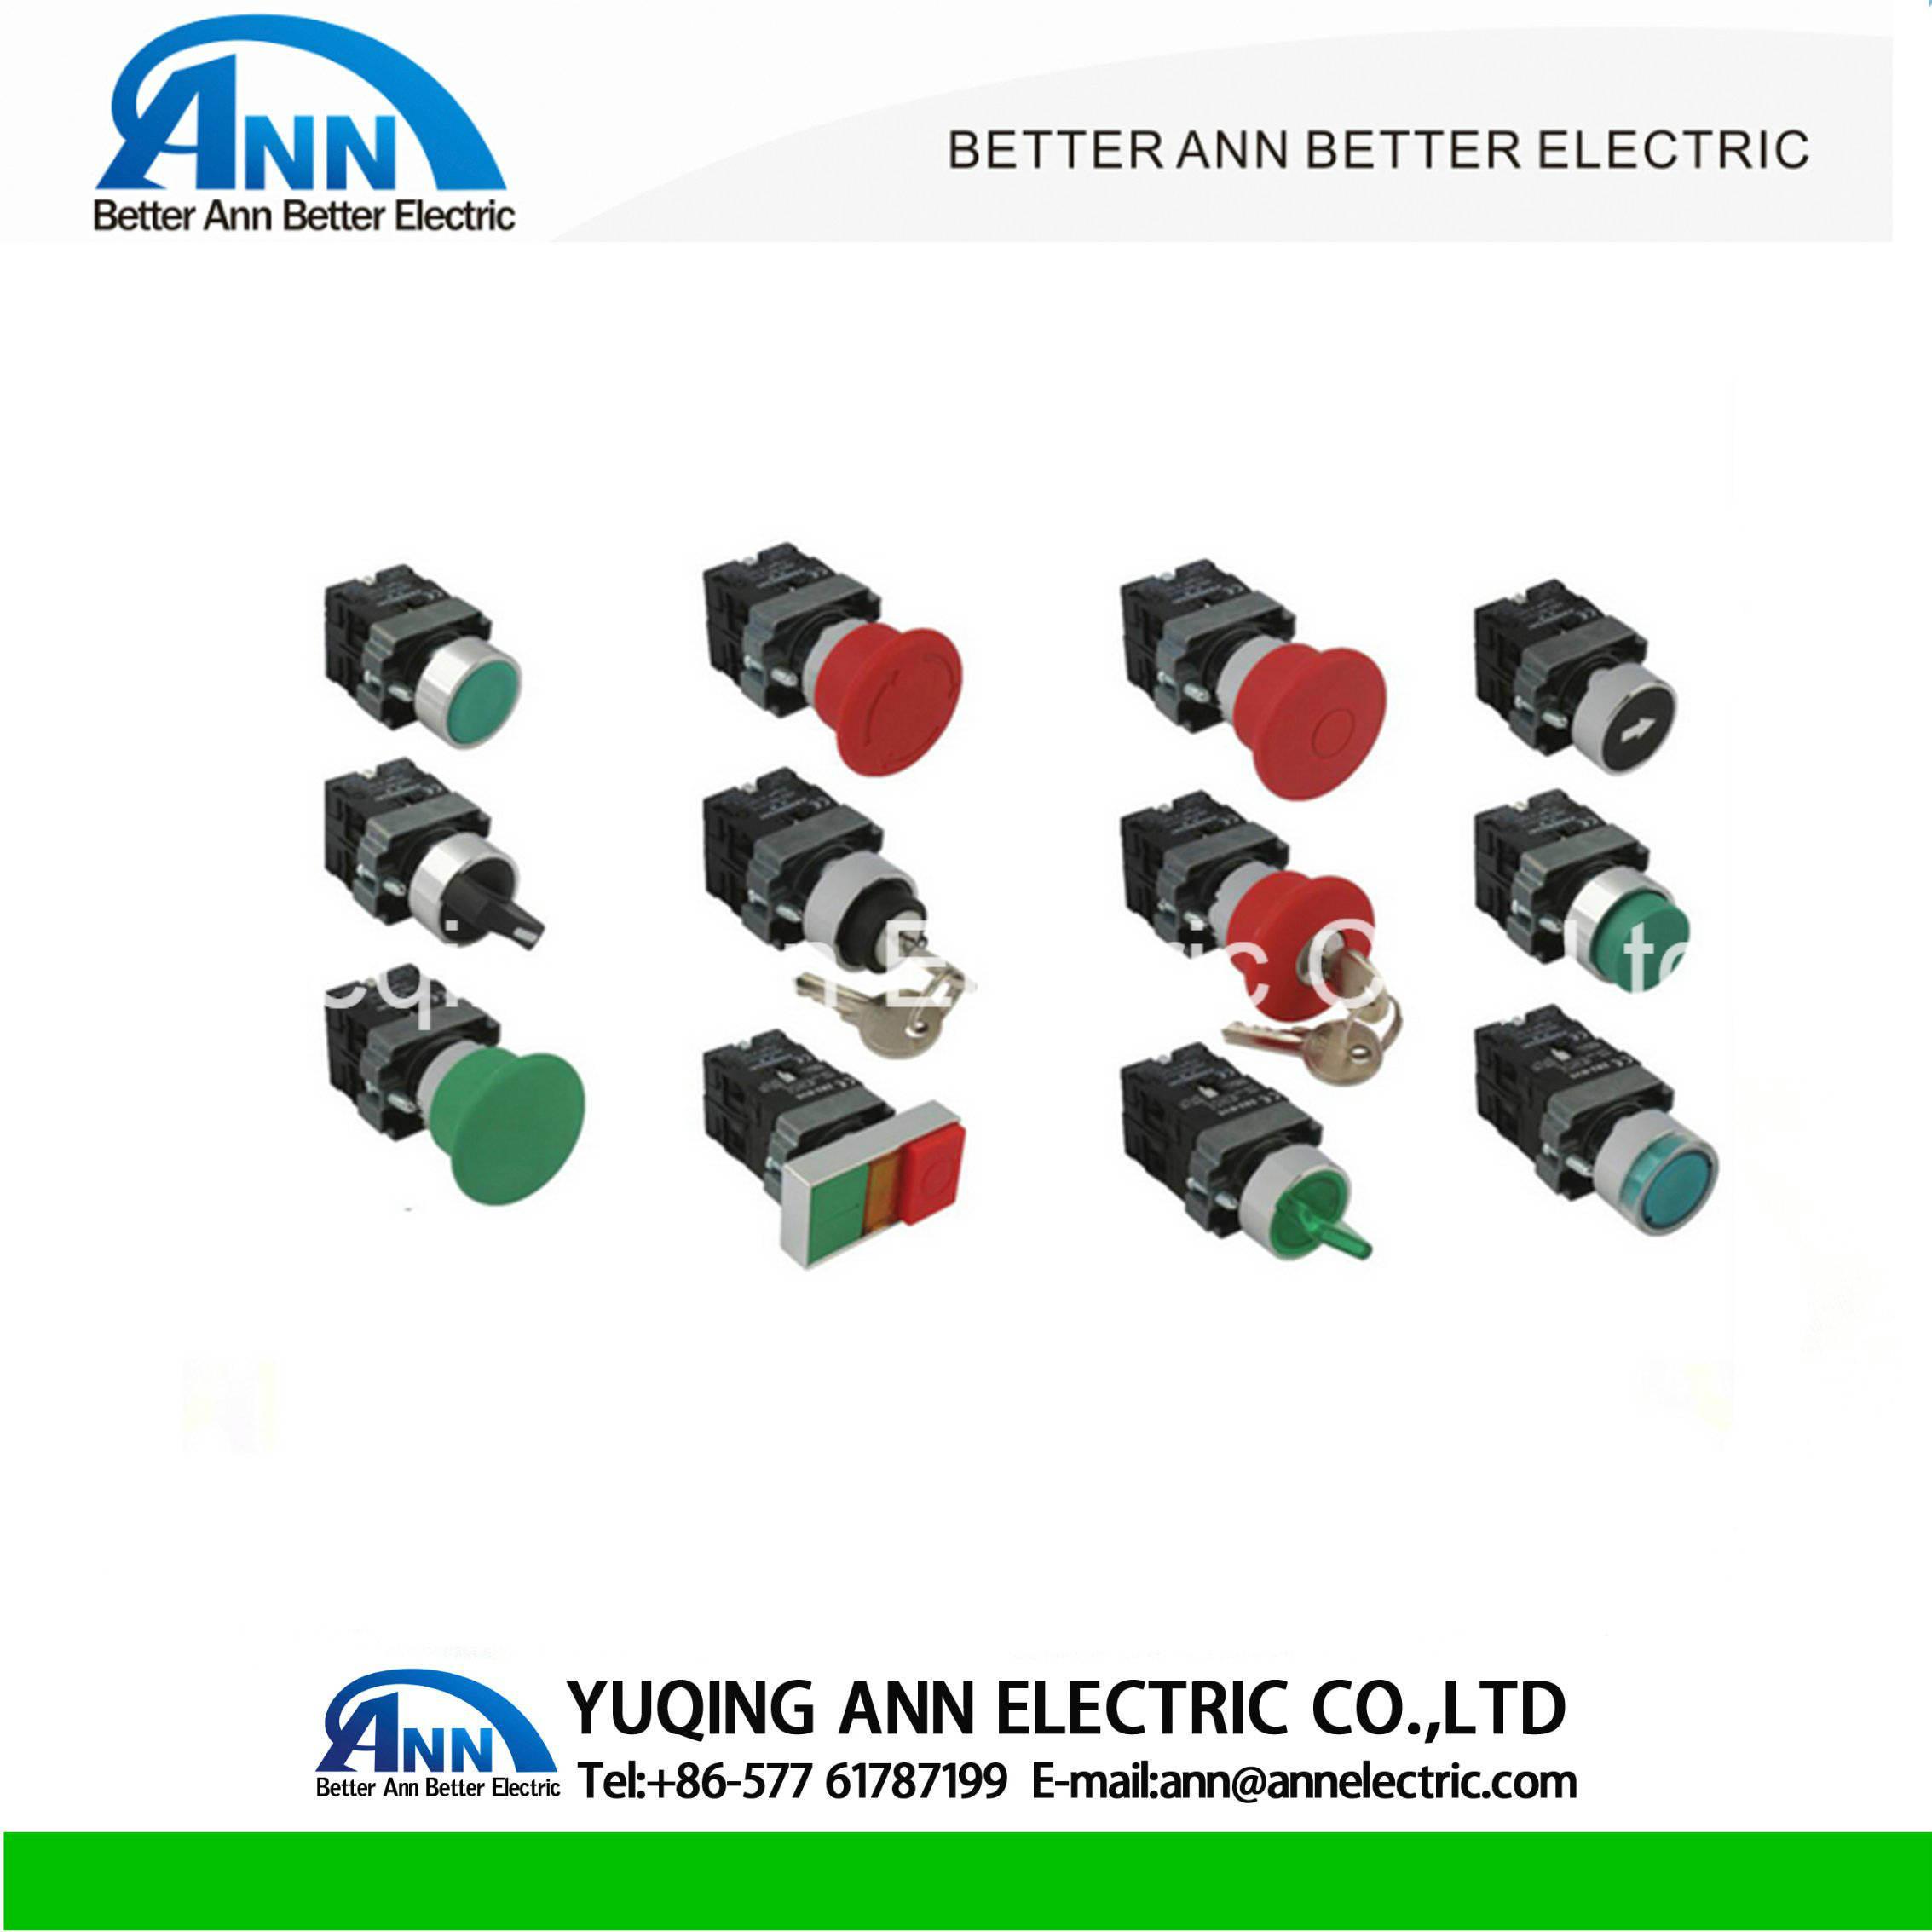 China Lay5 Xb2 Ba31 Ba45pushbutton Switch Plastic Electrical Wiring Push Button Pushbutton Swicth Flat